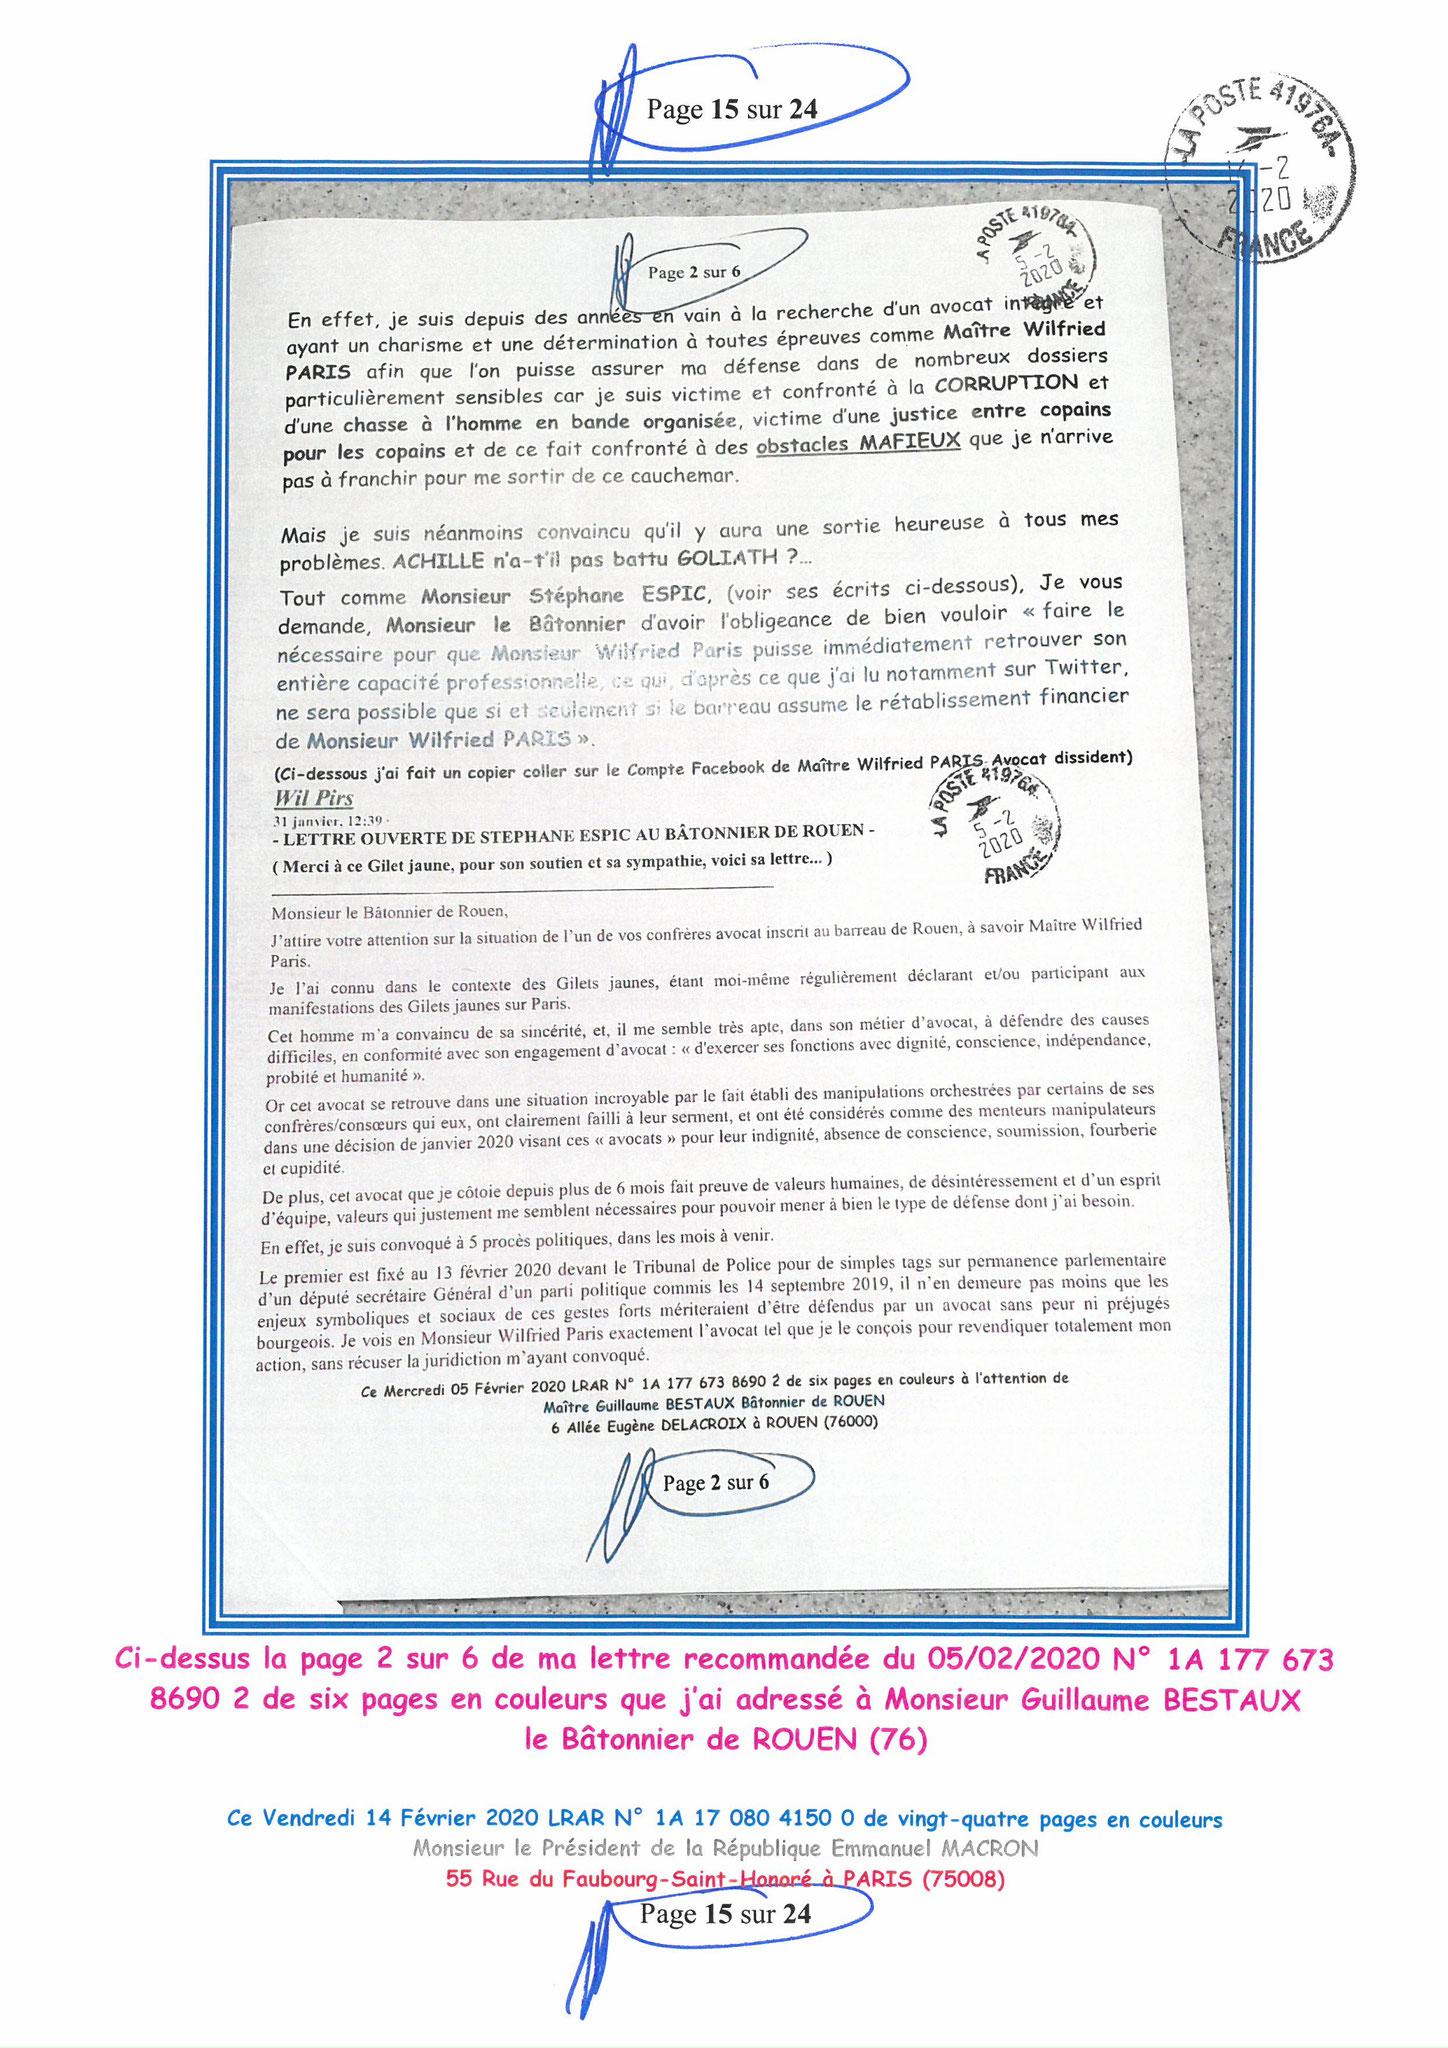 Ma lettre recommandée du 14 Février 2020 N° 1A 178 082 4150 0  page 15 sur 24 en couleur que j'ai adressé à Monsieur Emmanuel MACRON le Président de la République www.jesuispatrick.fr